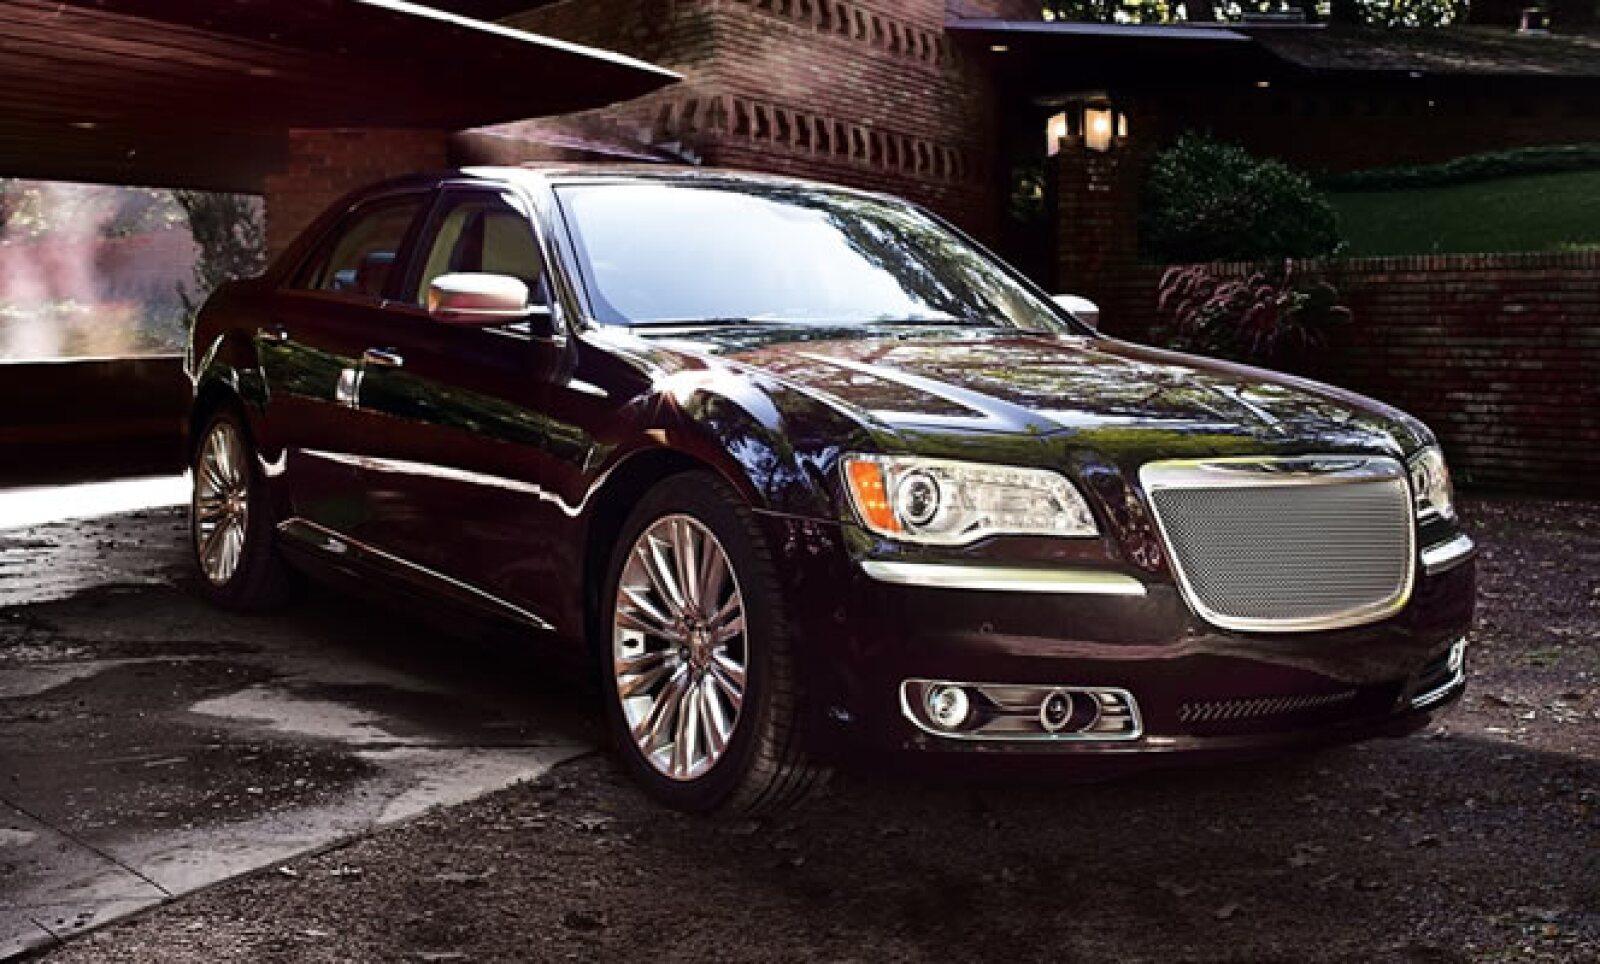 """""""Este modelo es más que nuestro coche insignia, es el trofeo de los diseñadores para crear un automóvil diseñado para cumplir con las más altas expectativas, dijo Saad Chehab, CEO de Chrysler."""